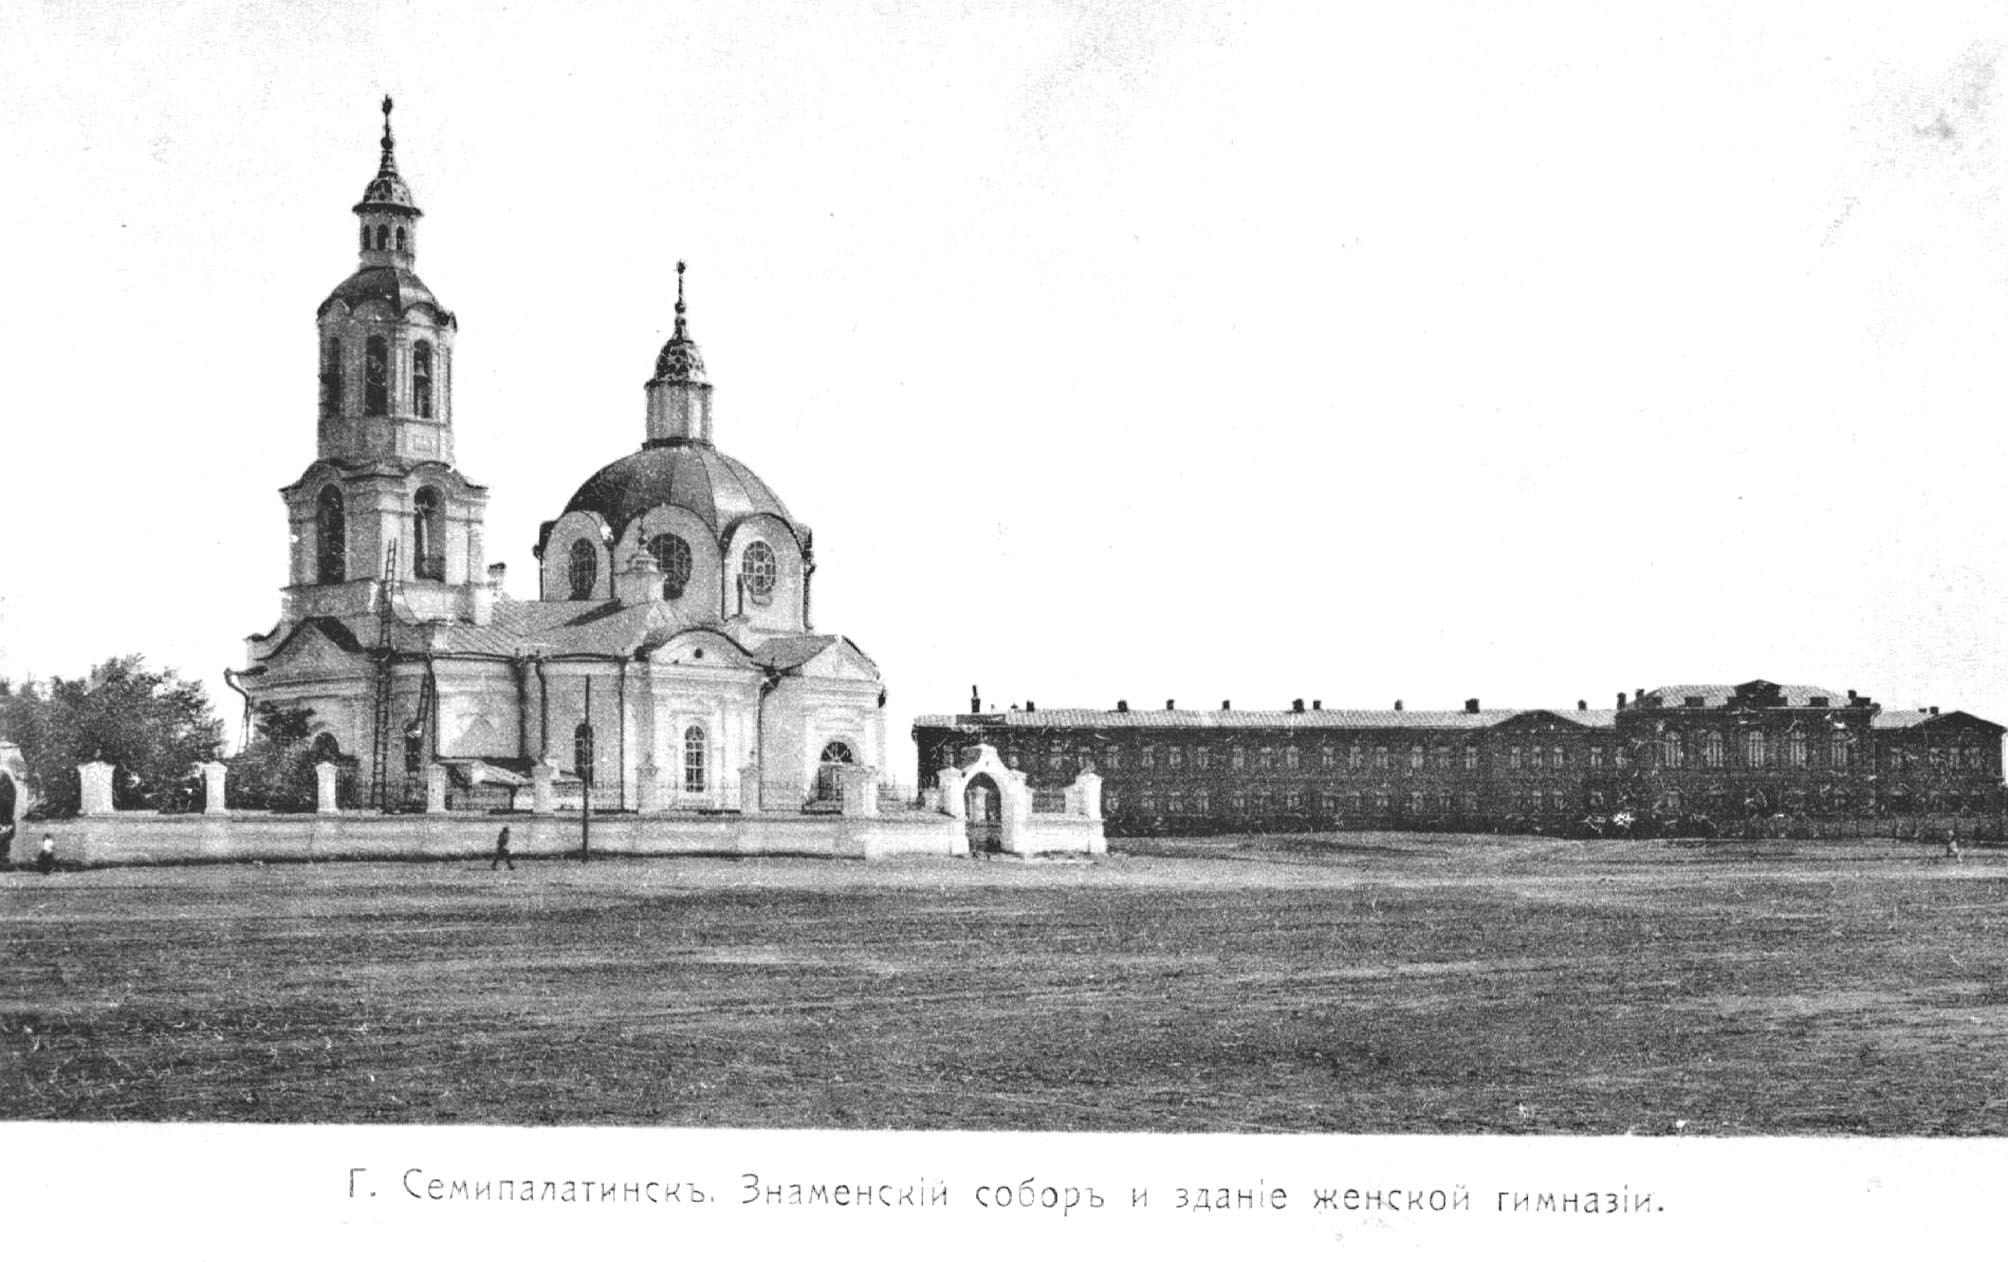 Знаменский собор и здание Женской гимназии